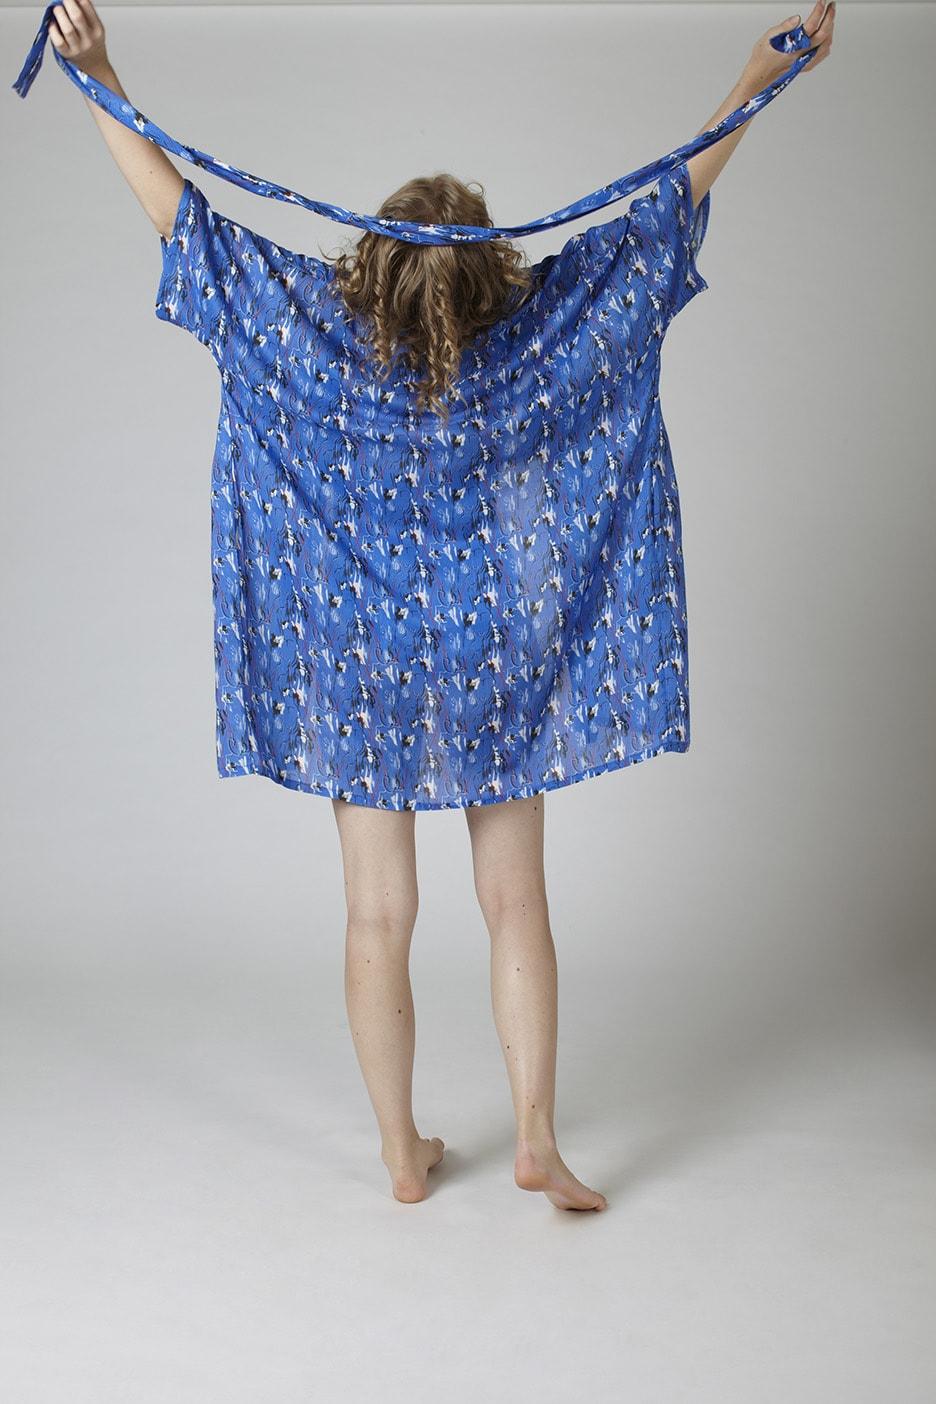 MARGARET AND HERMIONE_Kimono_women_hinten_EUR 160,00